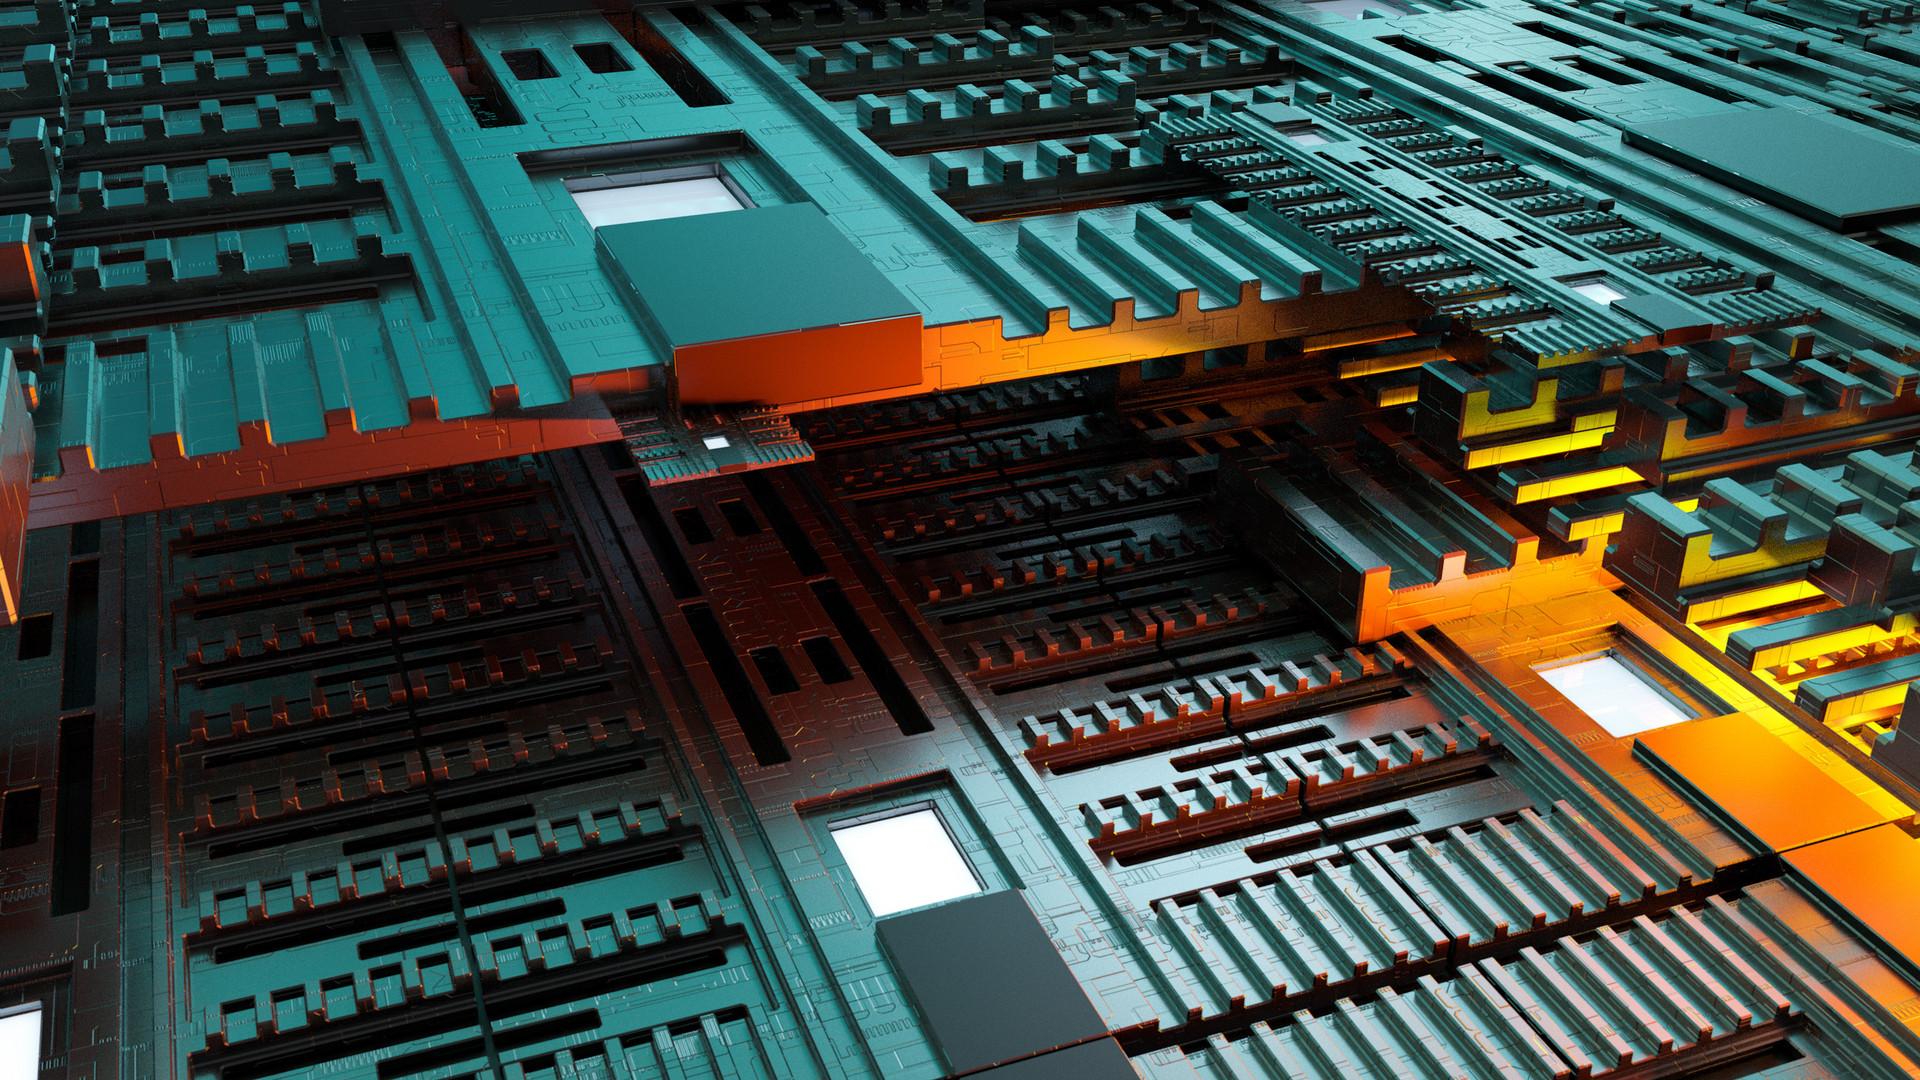 钢铁芯片数字科技